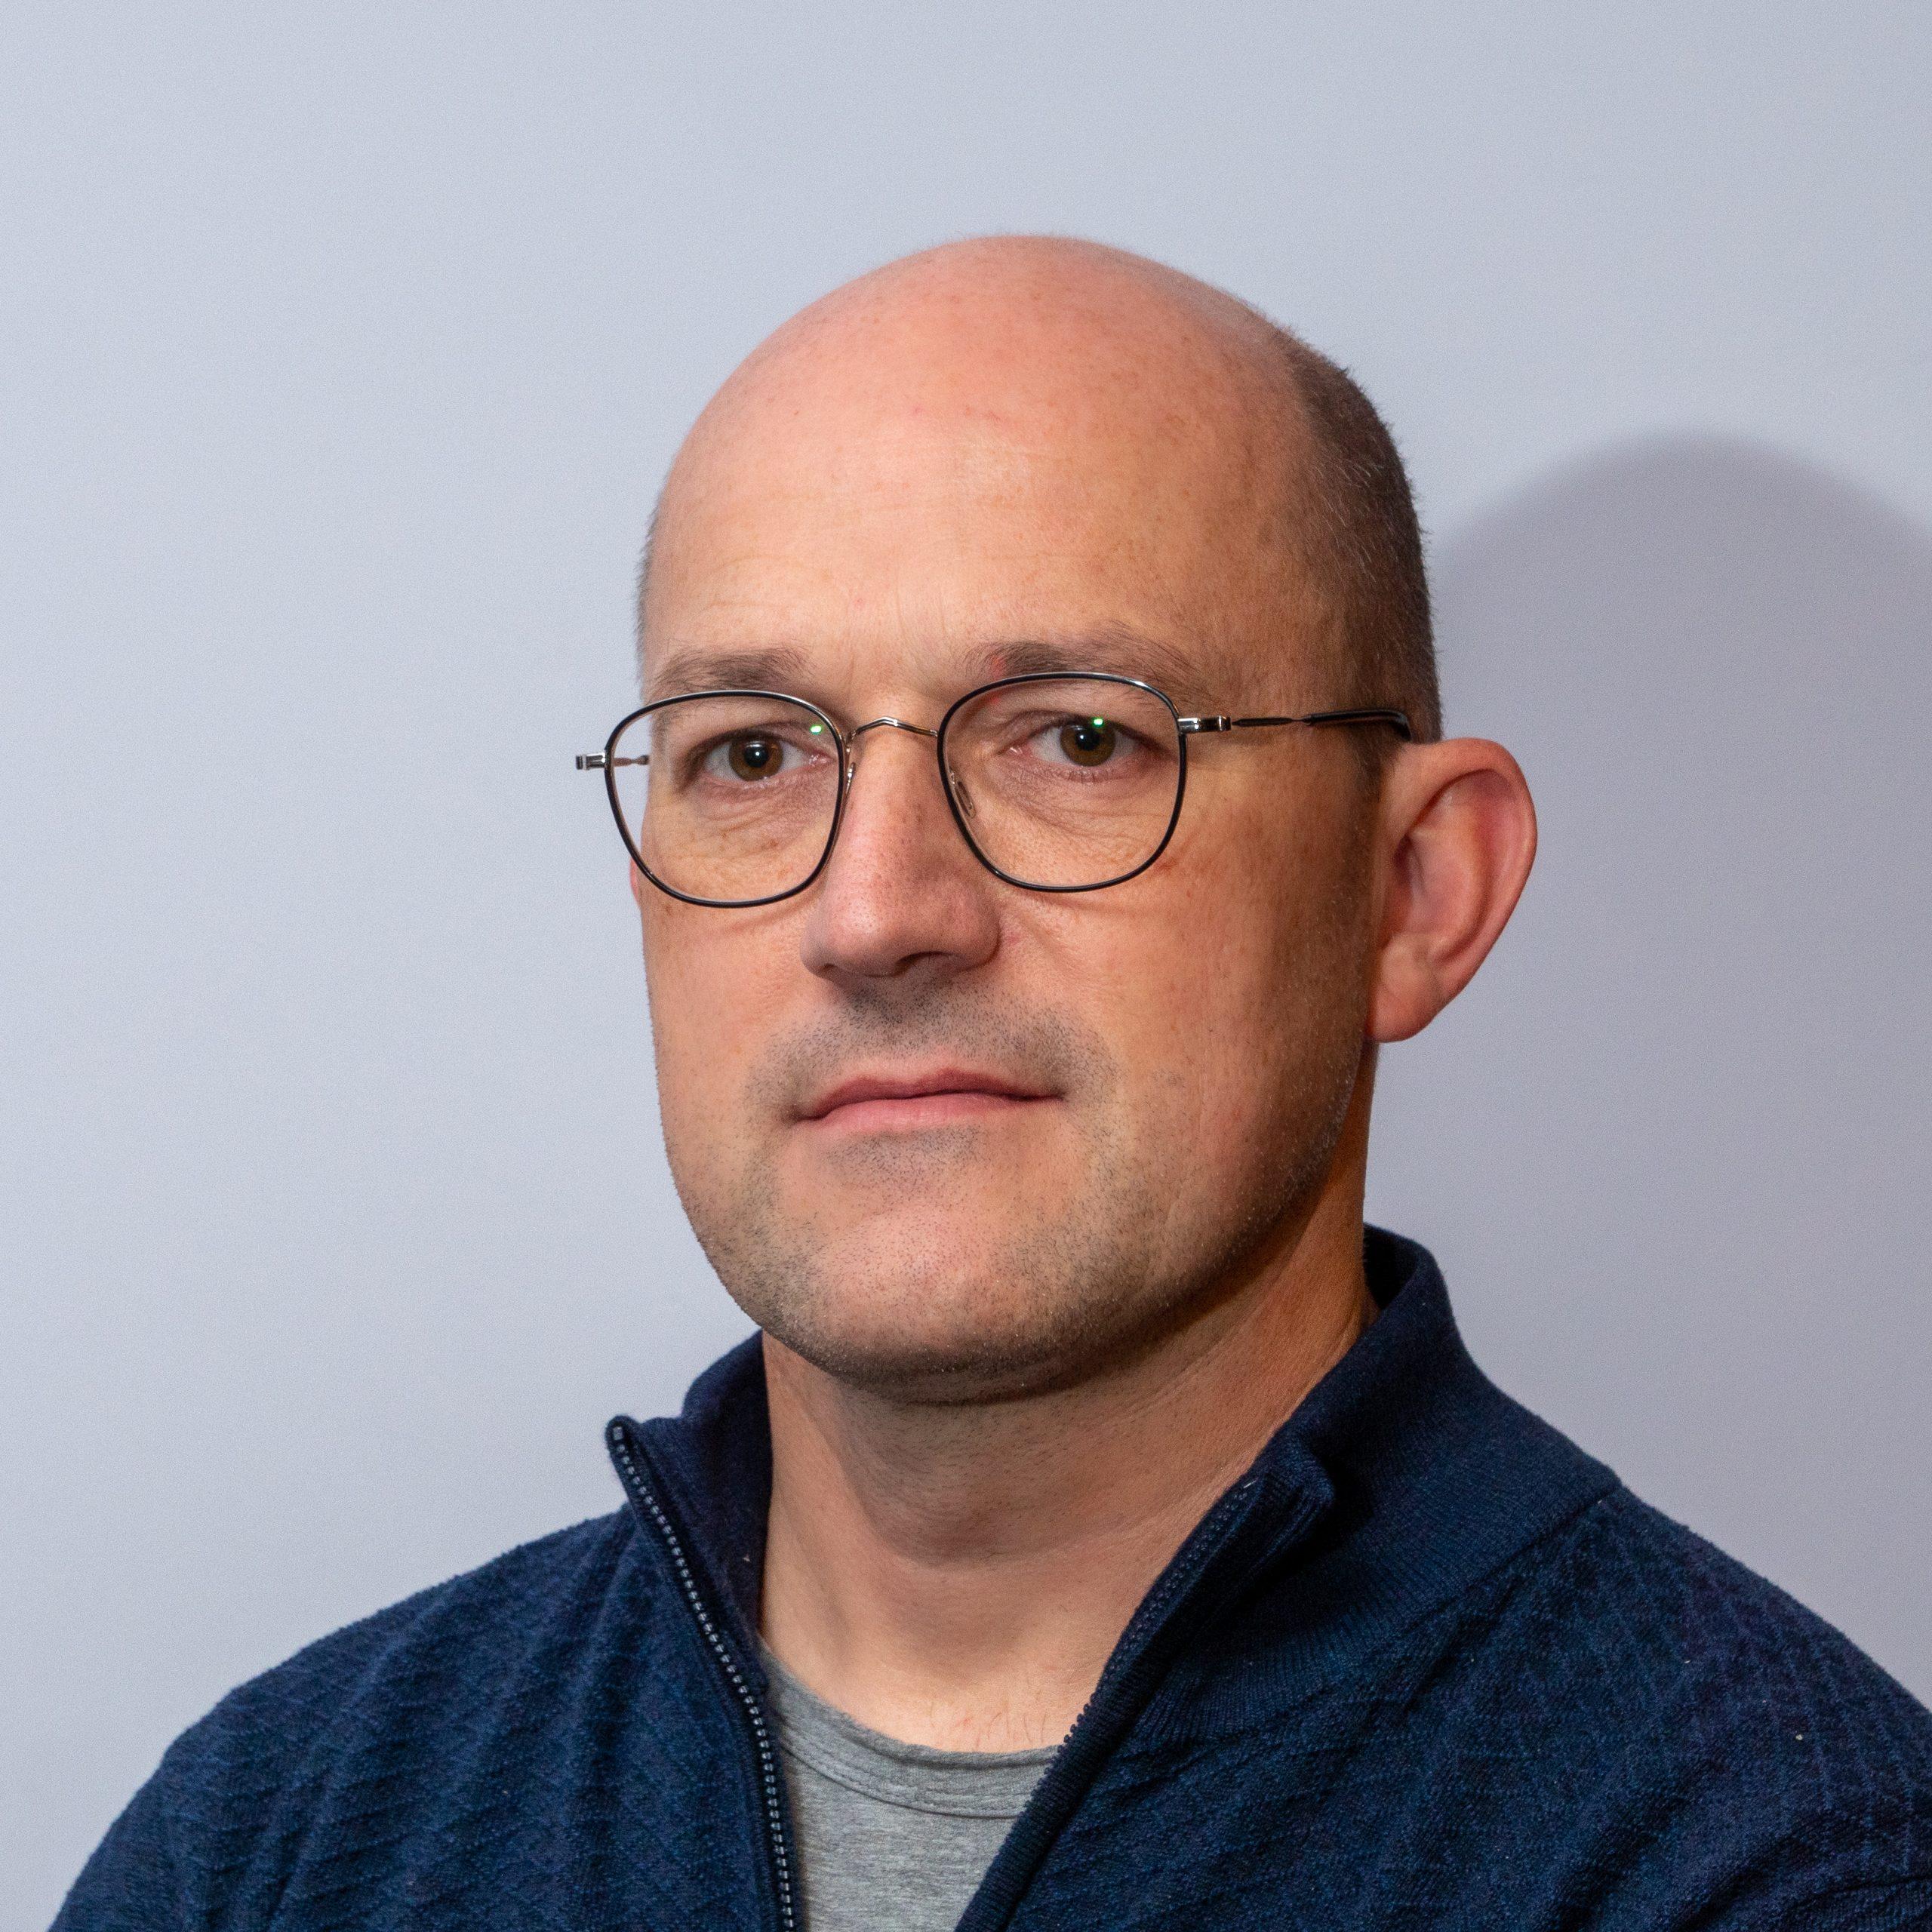 Joris Zwaenepoel is zaakvoerder en softwareontwikkelaar van het I-solv-IT team